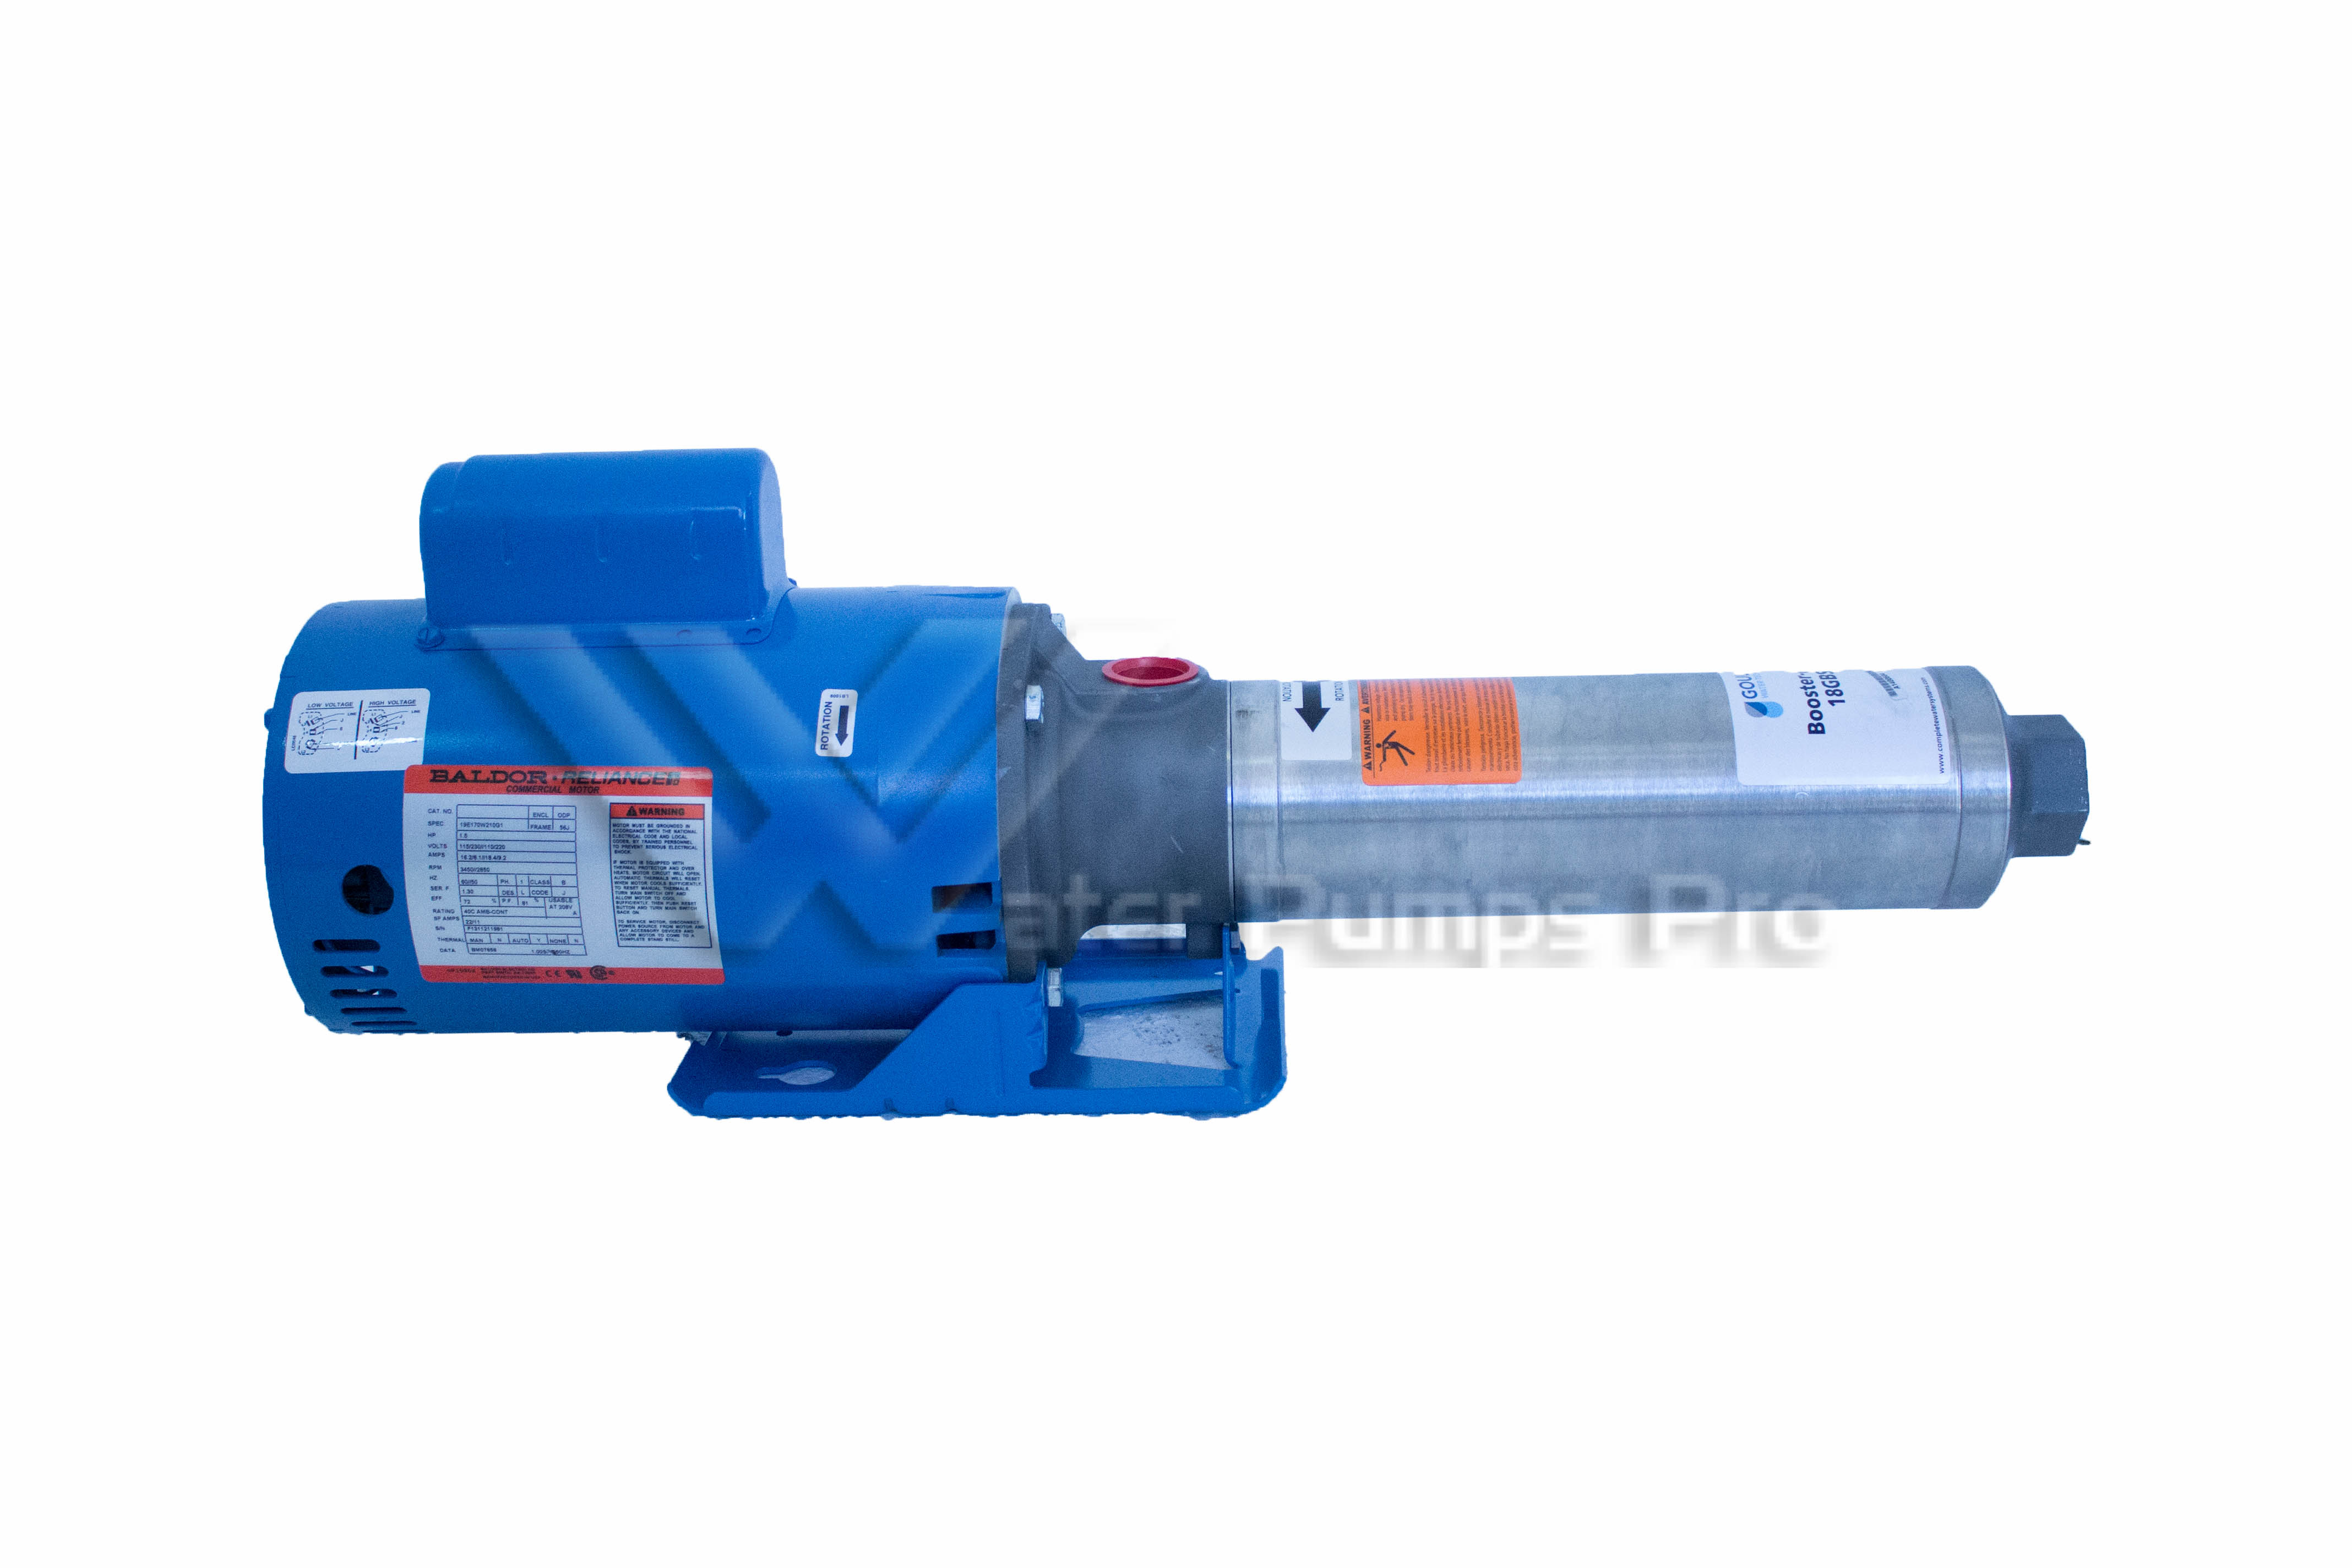 Goulds 5GBS10 Multi-Stage High Pressure Pump 1HP [5GBS10